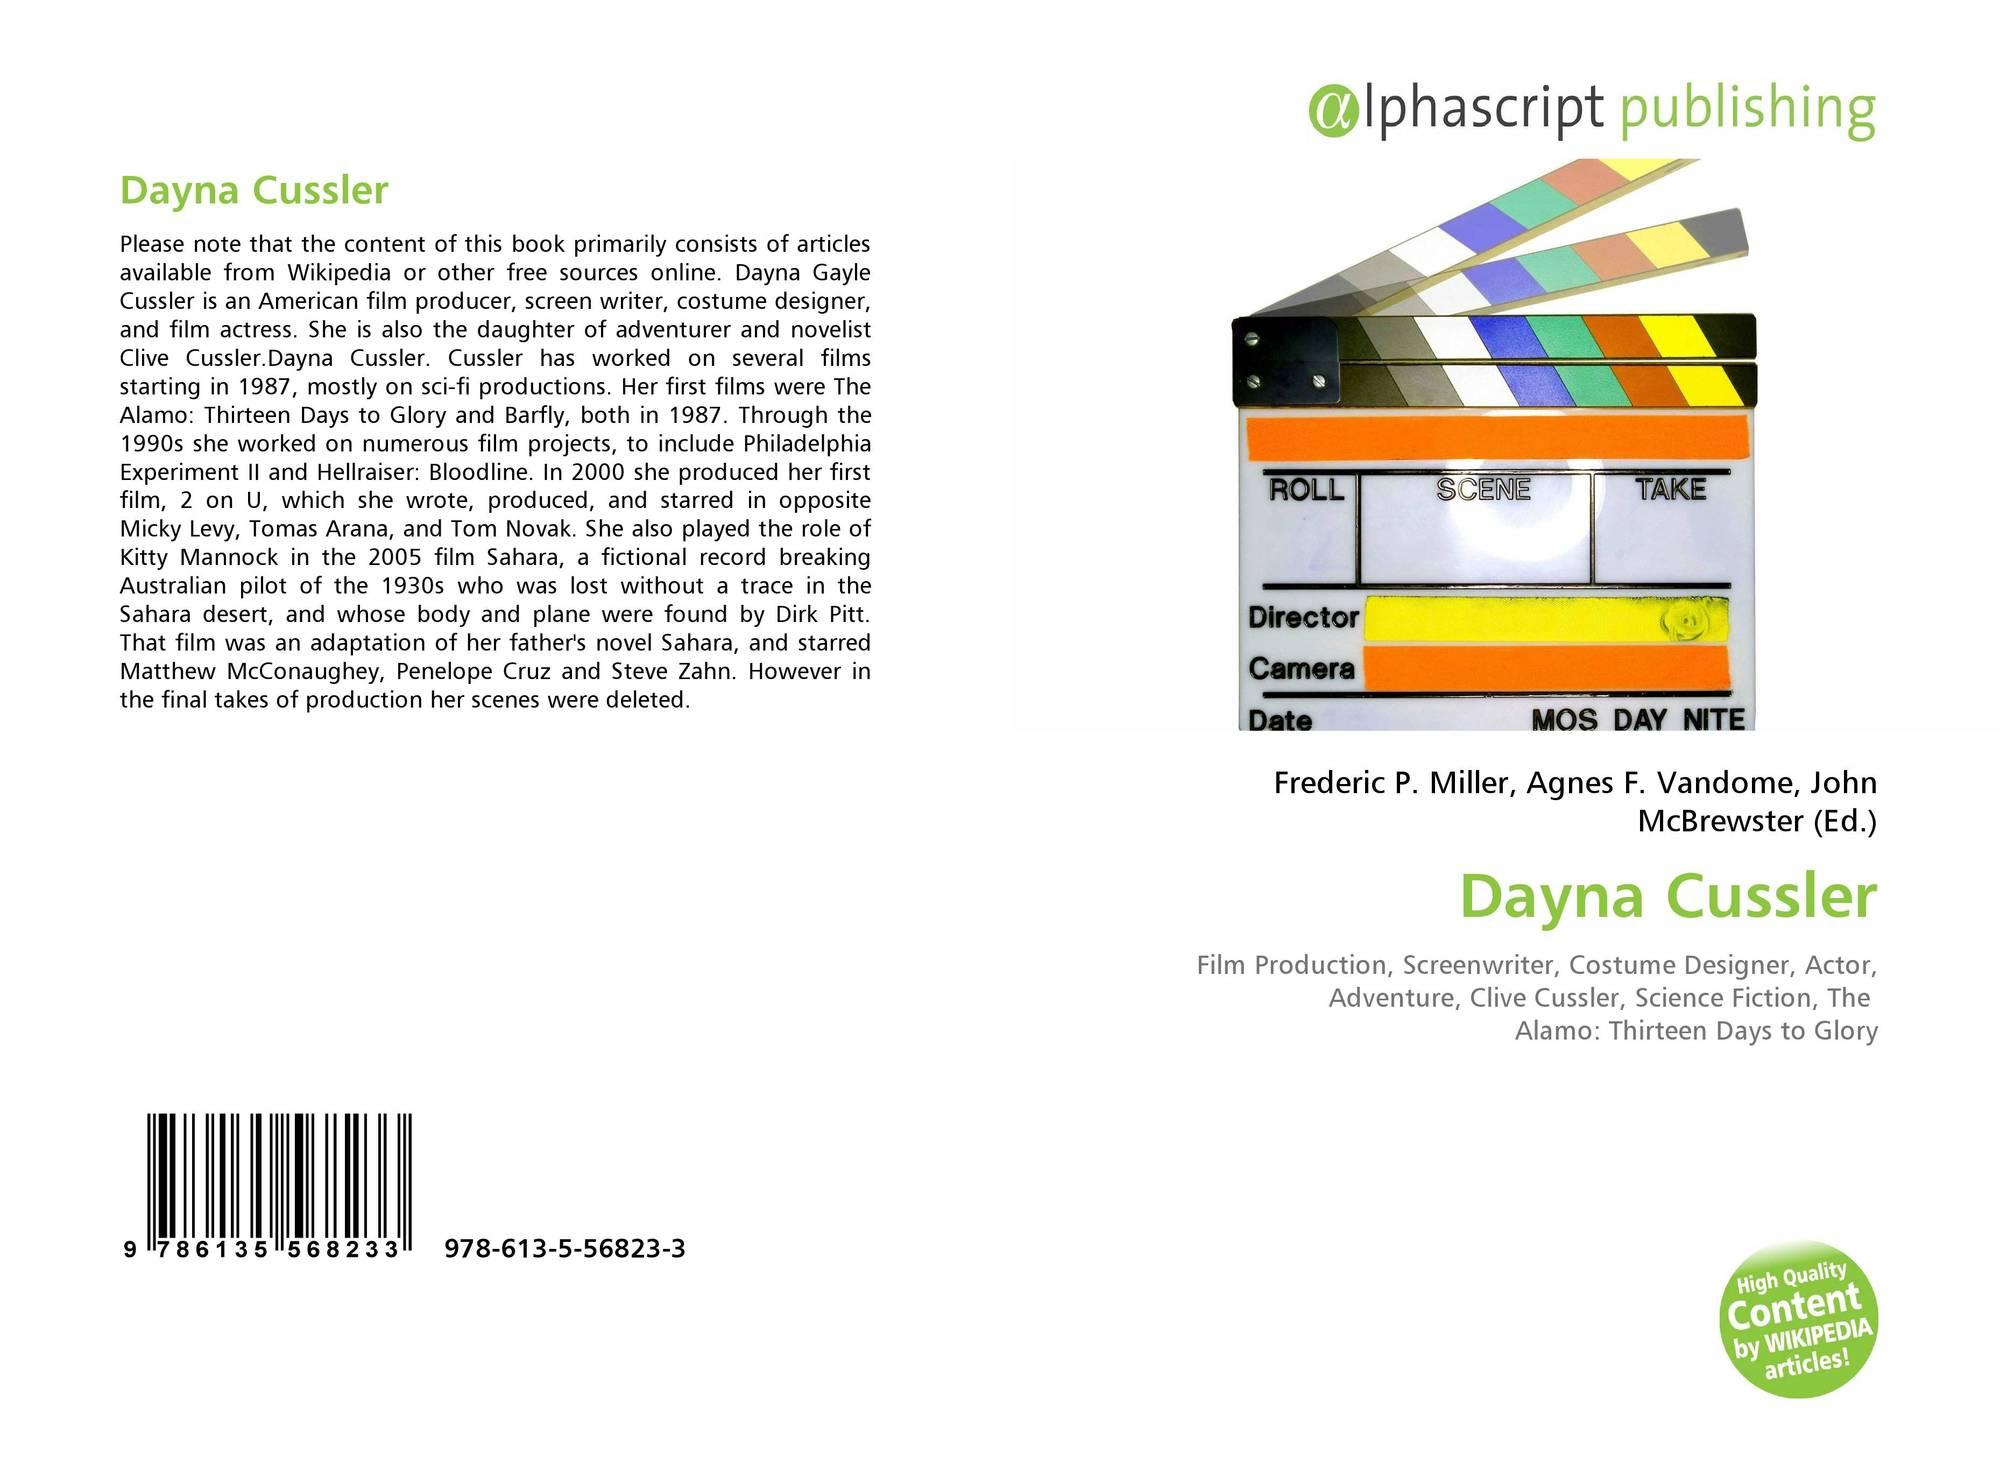 Dayna Cussler Net Worth